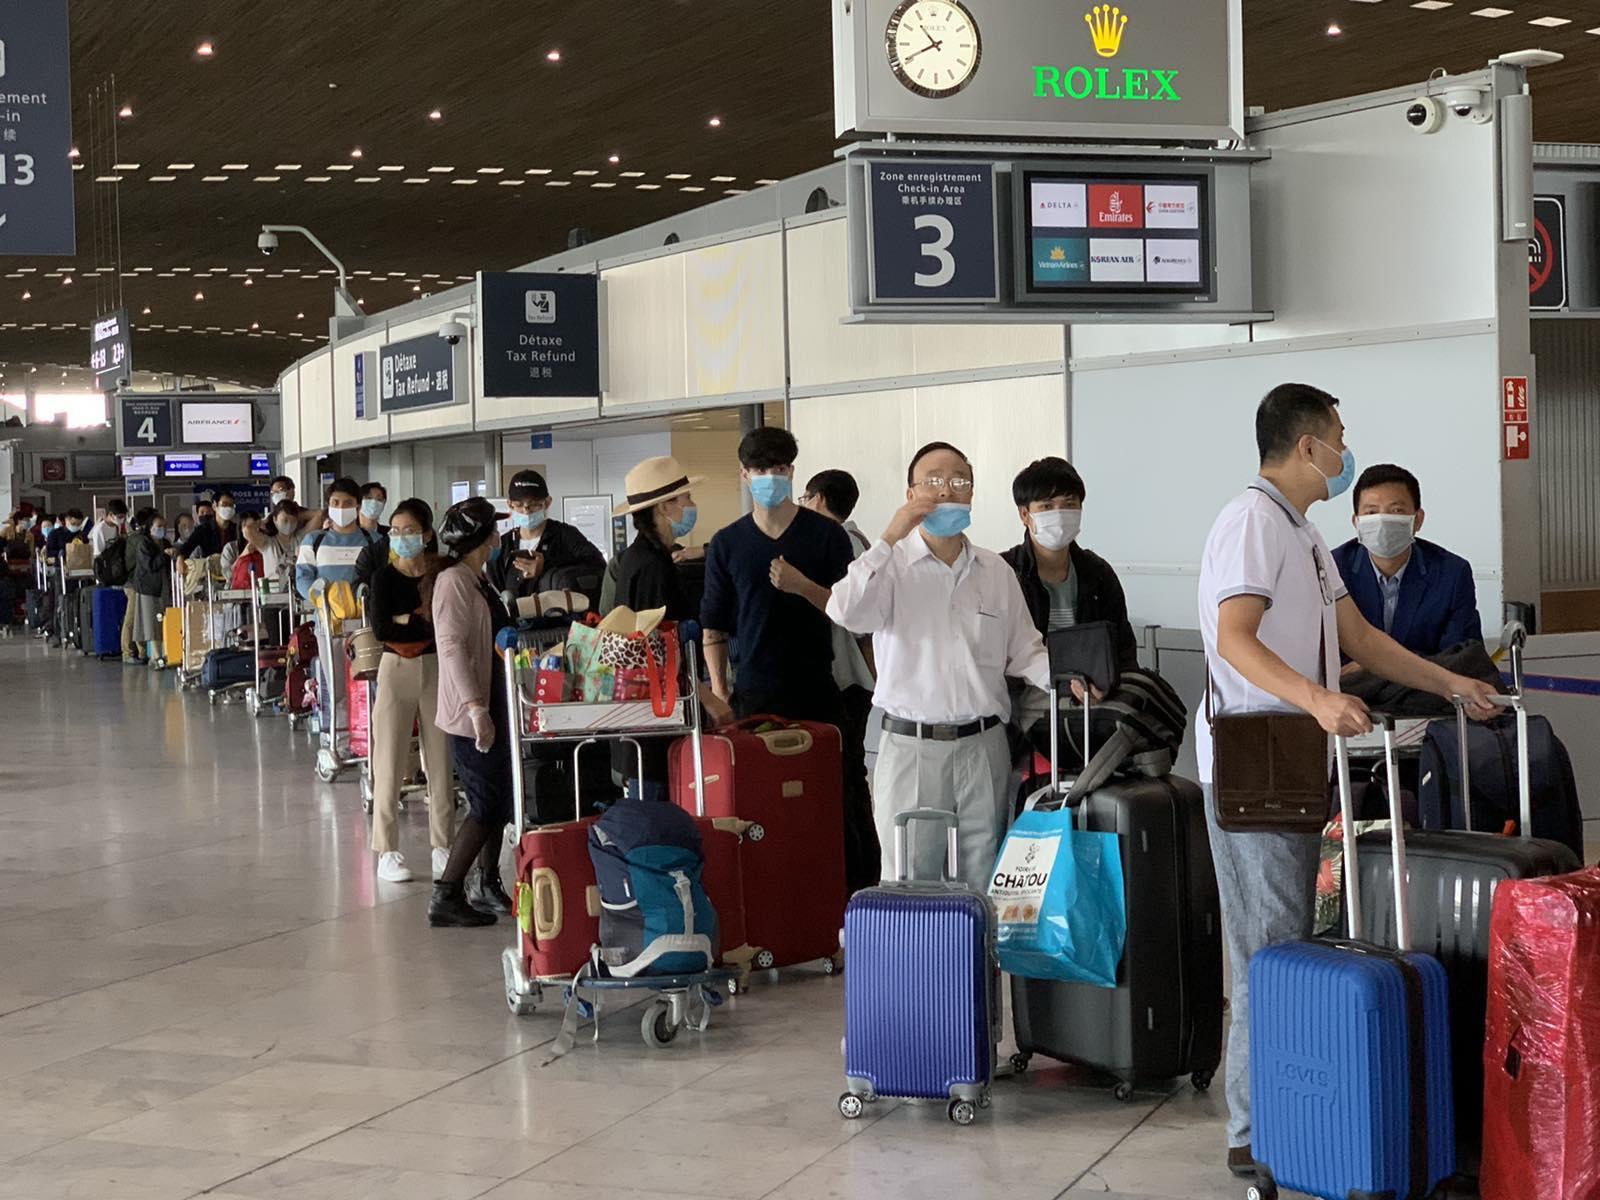 Đưa hơn 280 công dân Việt Nam từ Pháp và các nước lân cận ở khu vực châu Âu về nước